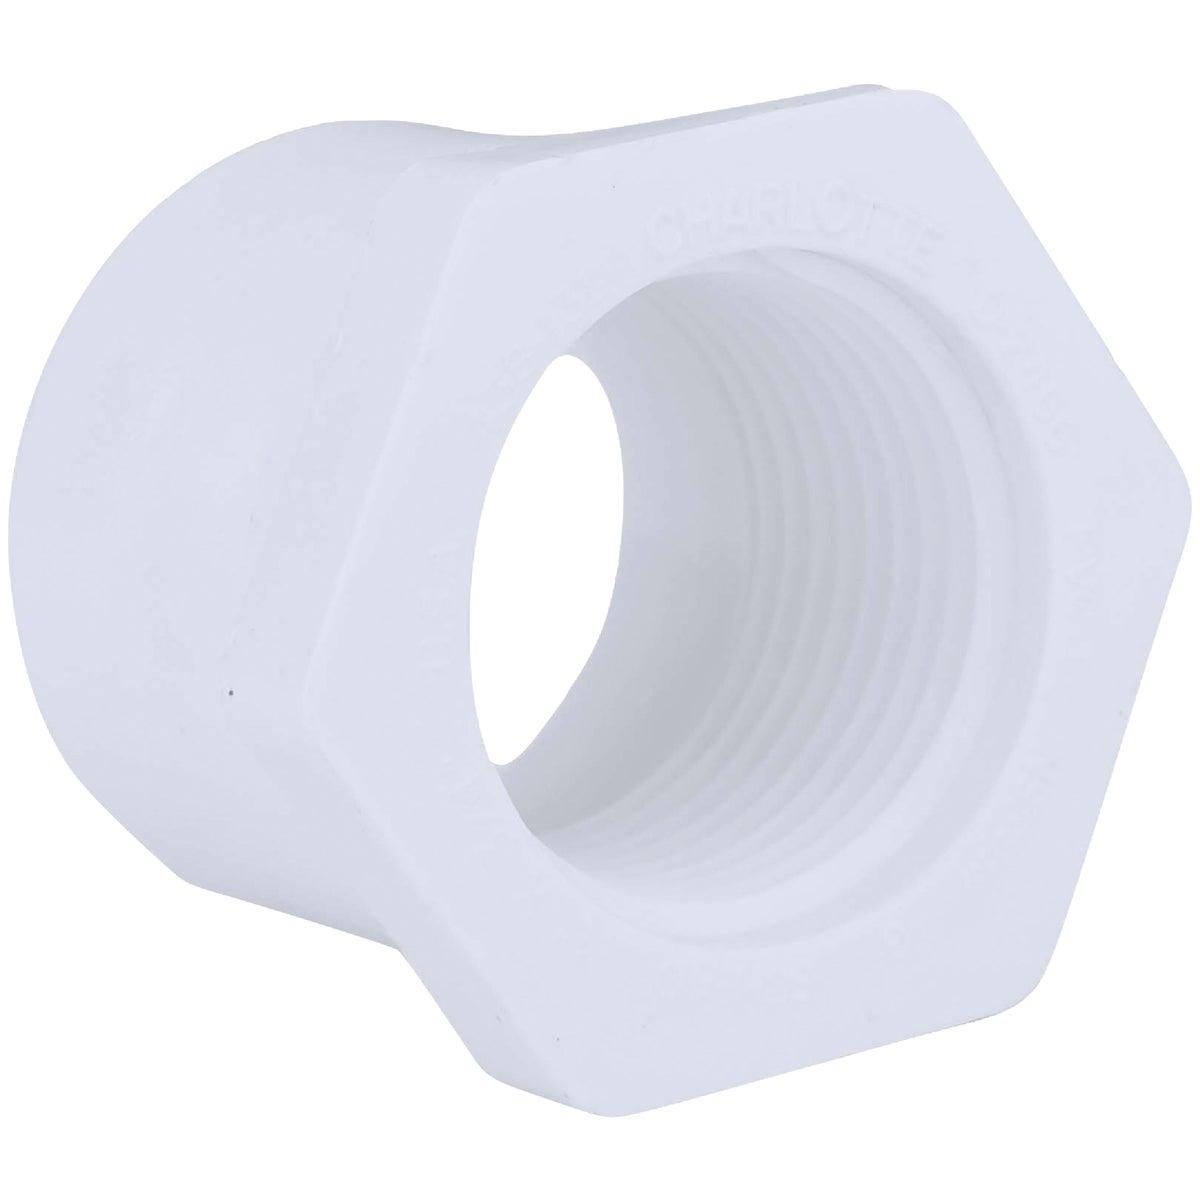 1X3/4 PVC SPXFIP BUSHING